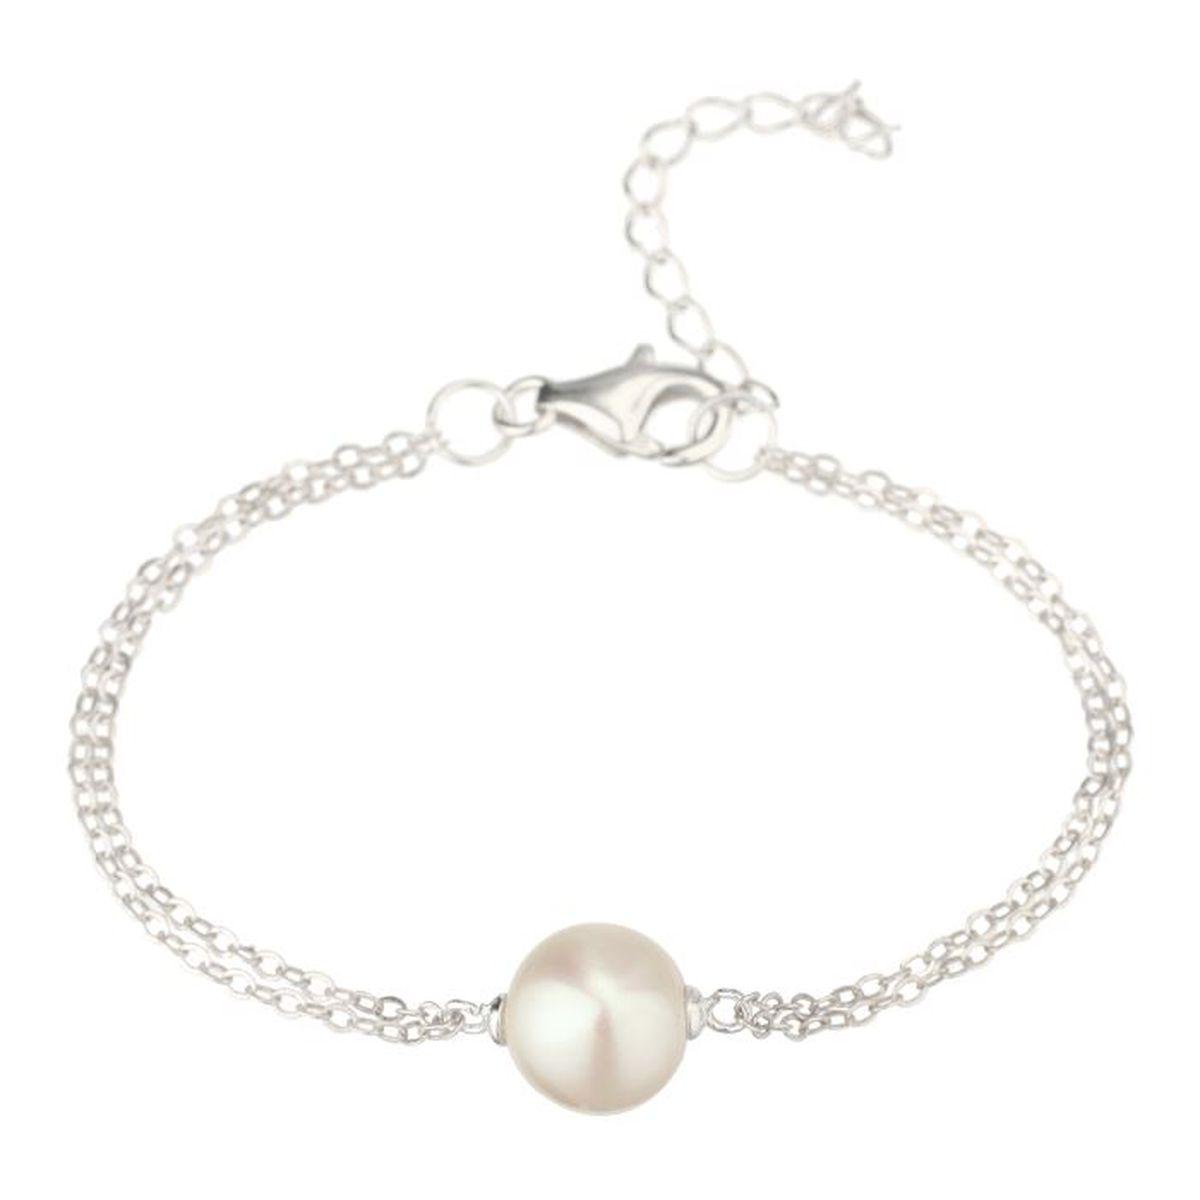 nacre de perle bracelet argent 925 et perle femme argent achat vente bracelet gourmette. Black Bedroom Furniture Sets. Home Design Ideas